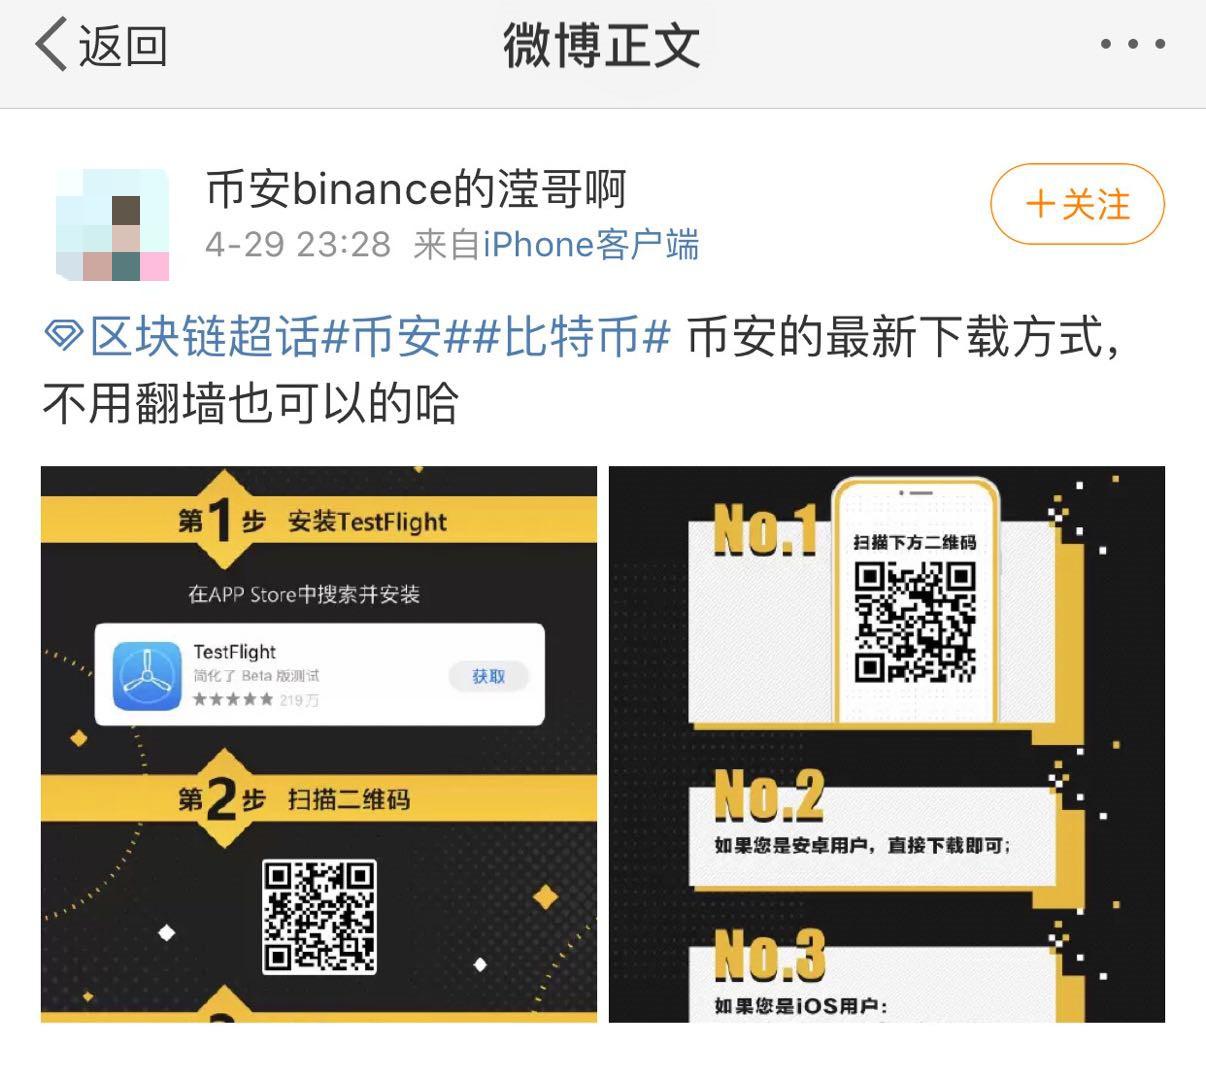 """网站a:""""赌场""""进行时:币安疑开放中国大陆区交易 出尔反尔遭信任危机插图(1)"""